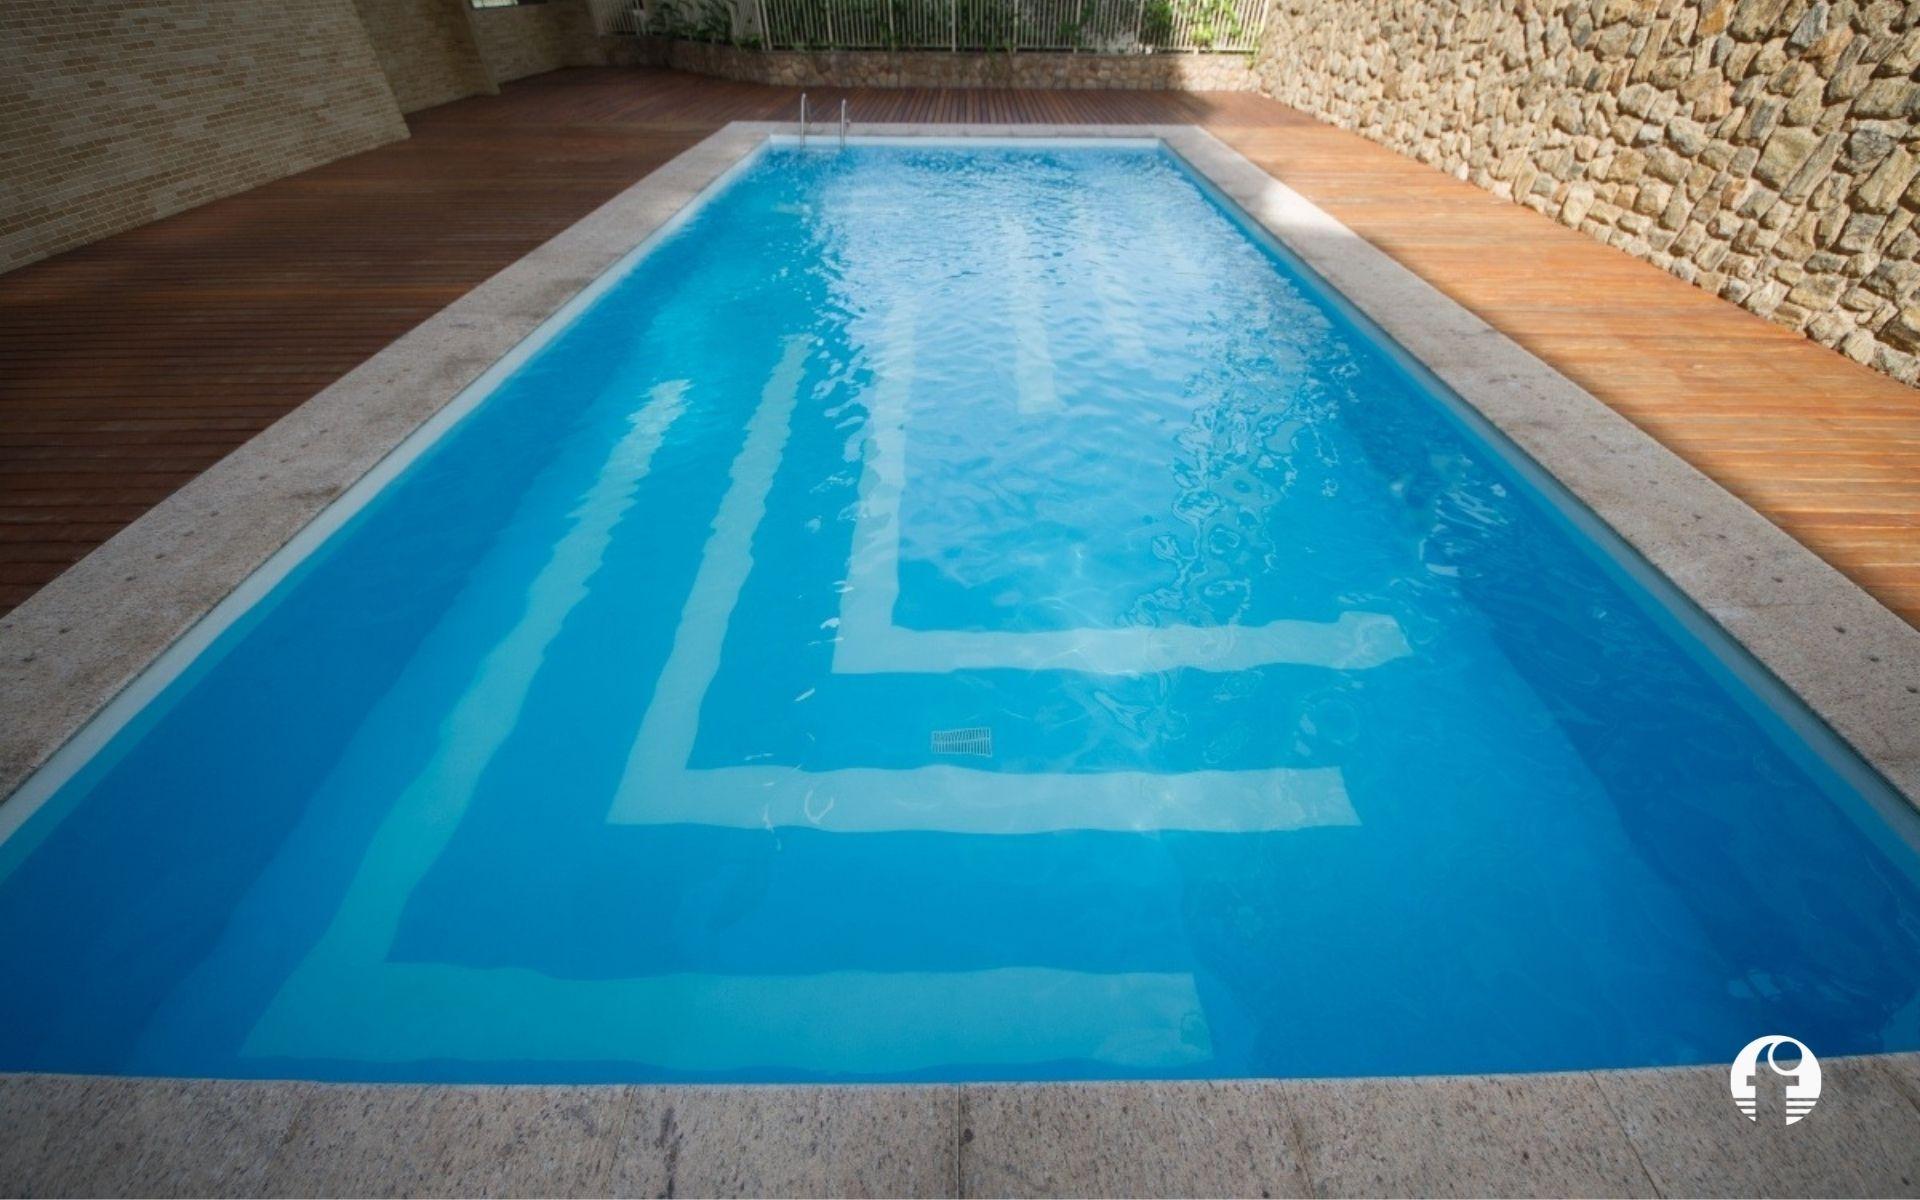 impermeabilização com poliéster flexível piscinas